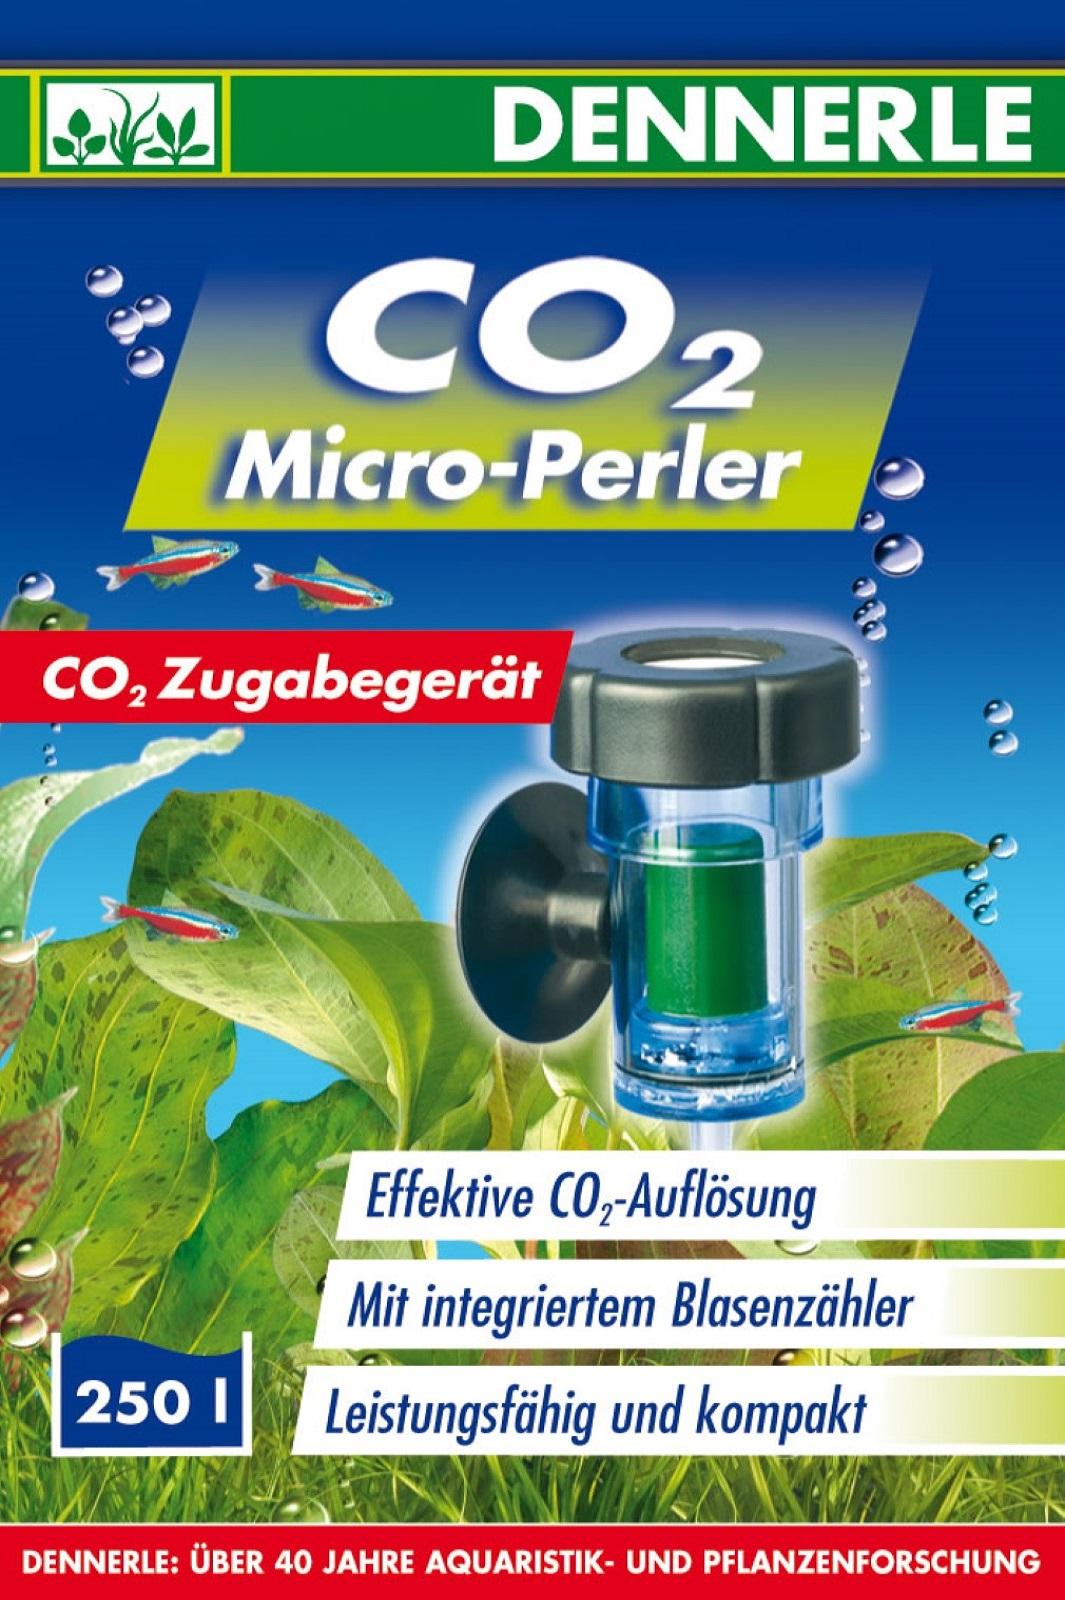 Dennerle CO2 Micro Perler zur CO2 Düngung für Aquarium bis 250 l